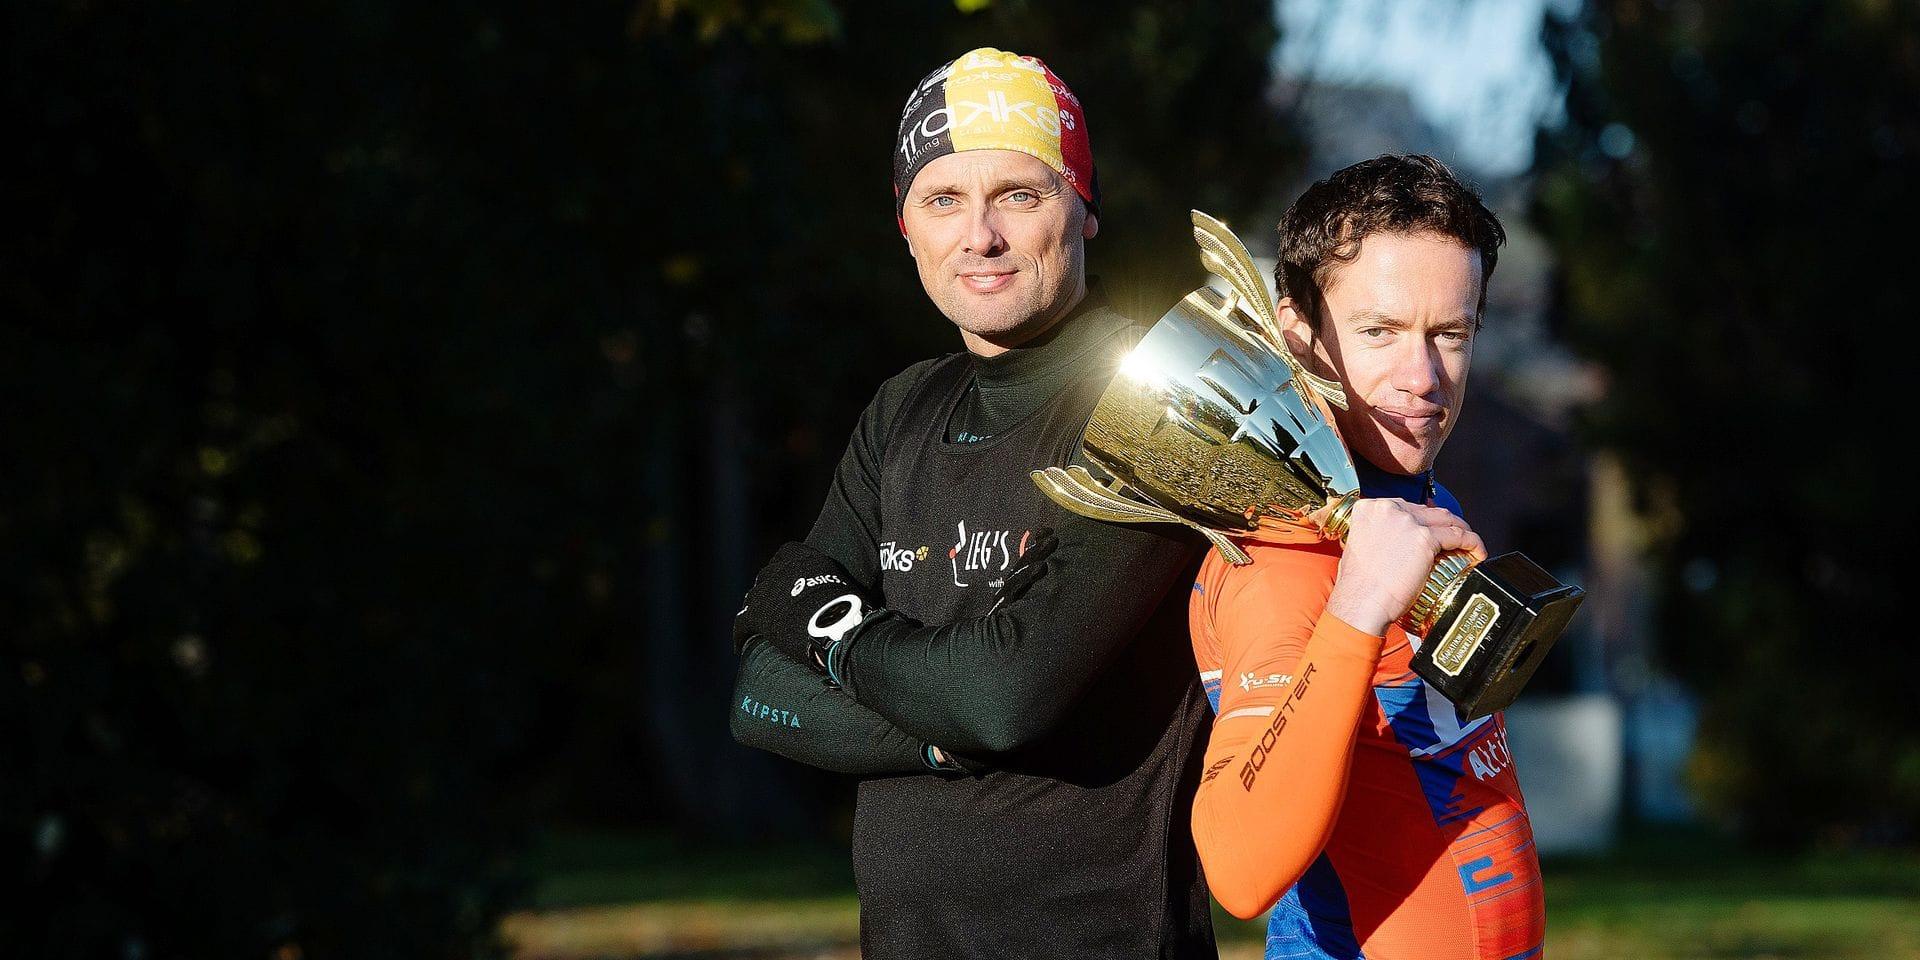 Namur - Parc de la Plante: Belgium Running - Sebastien Mahia et Fabrice Pasque approchent les 1000 vistoire a eux deux